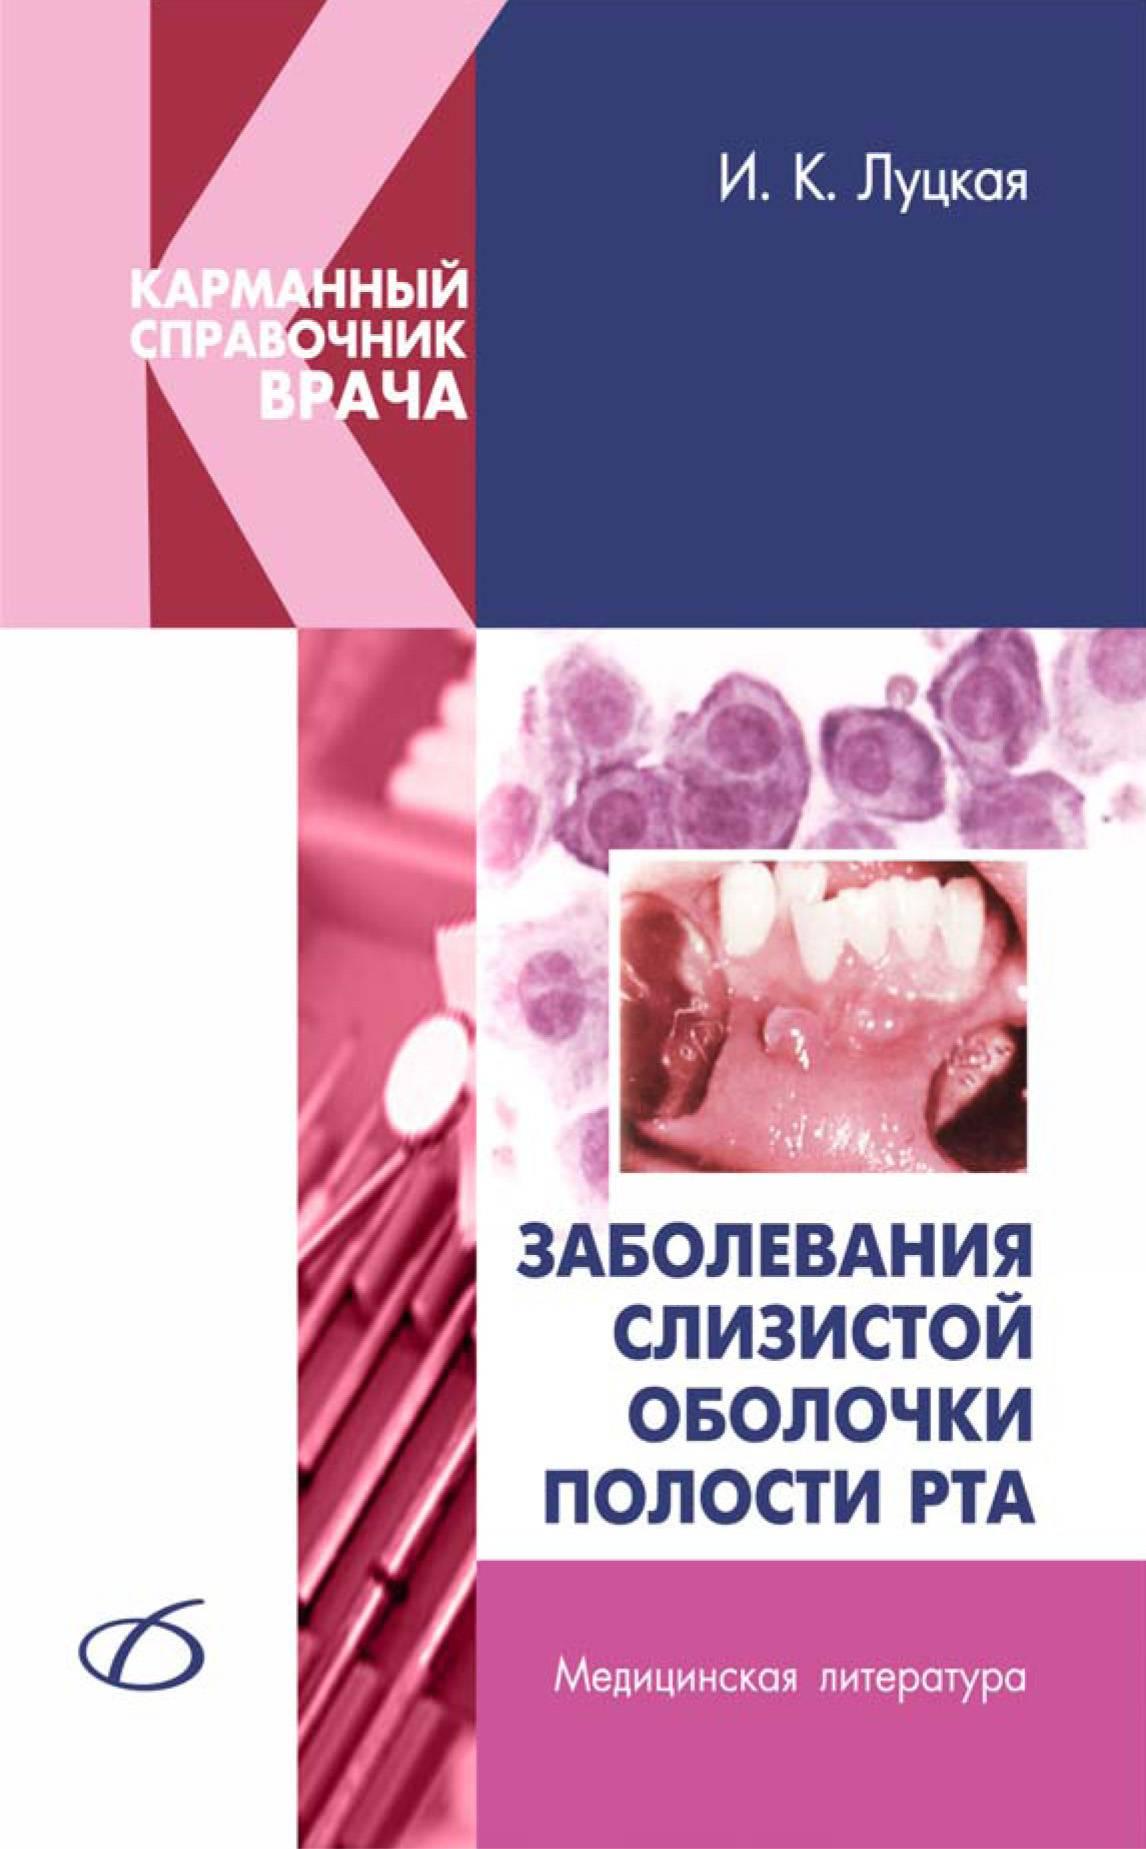 Болезни полости рта, их симптомы и методы лечения